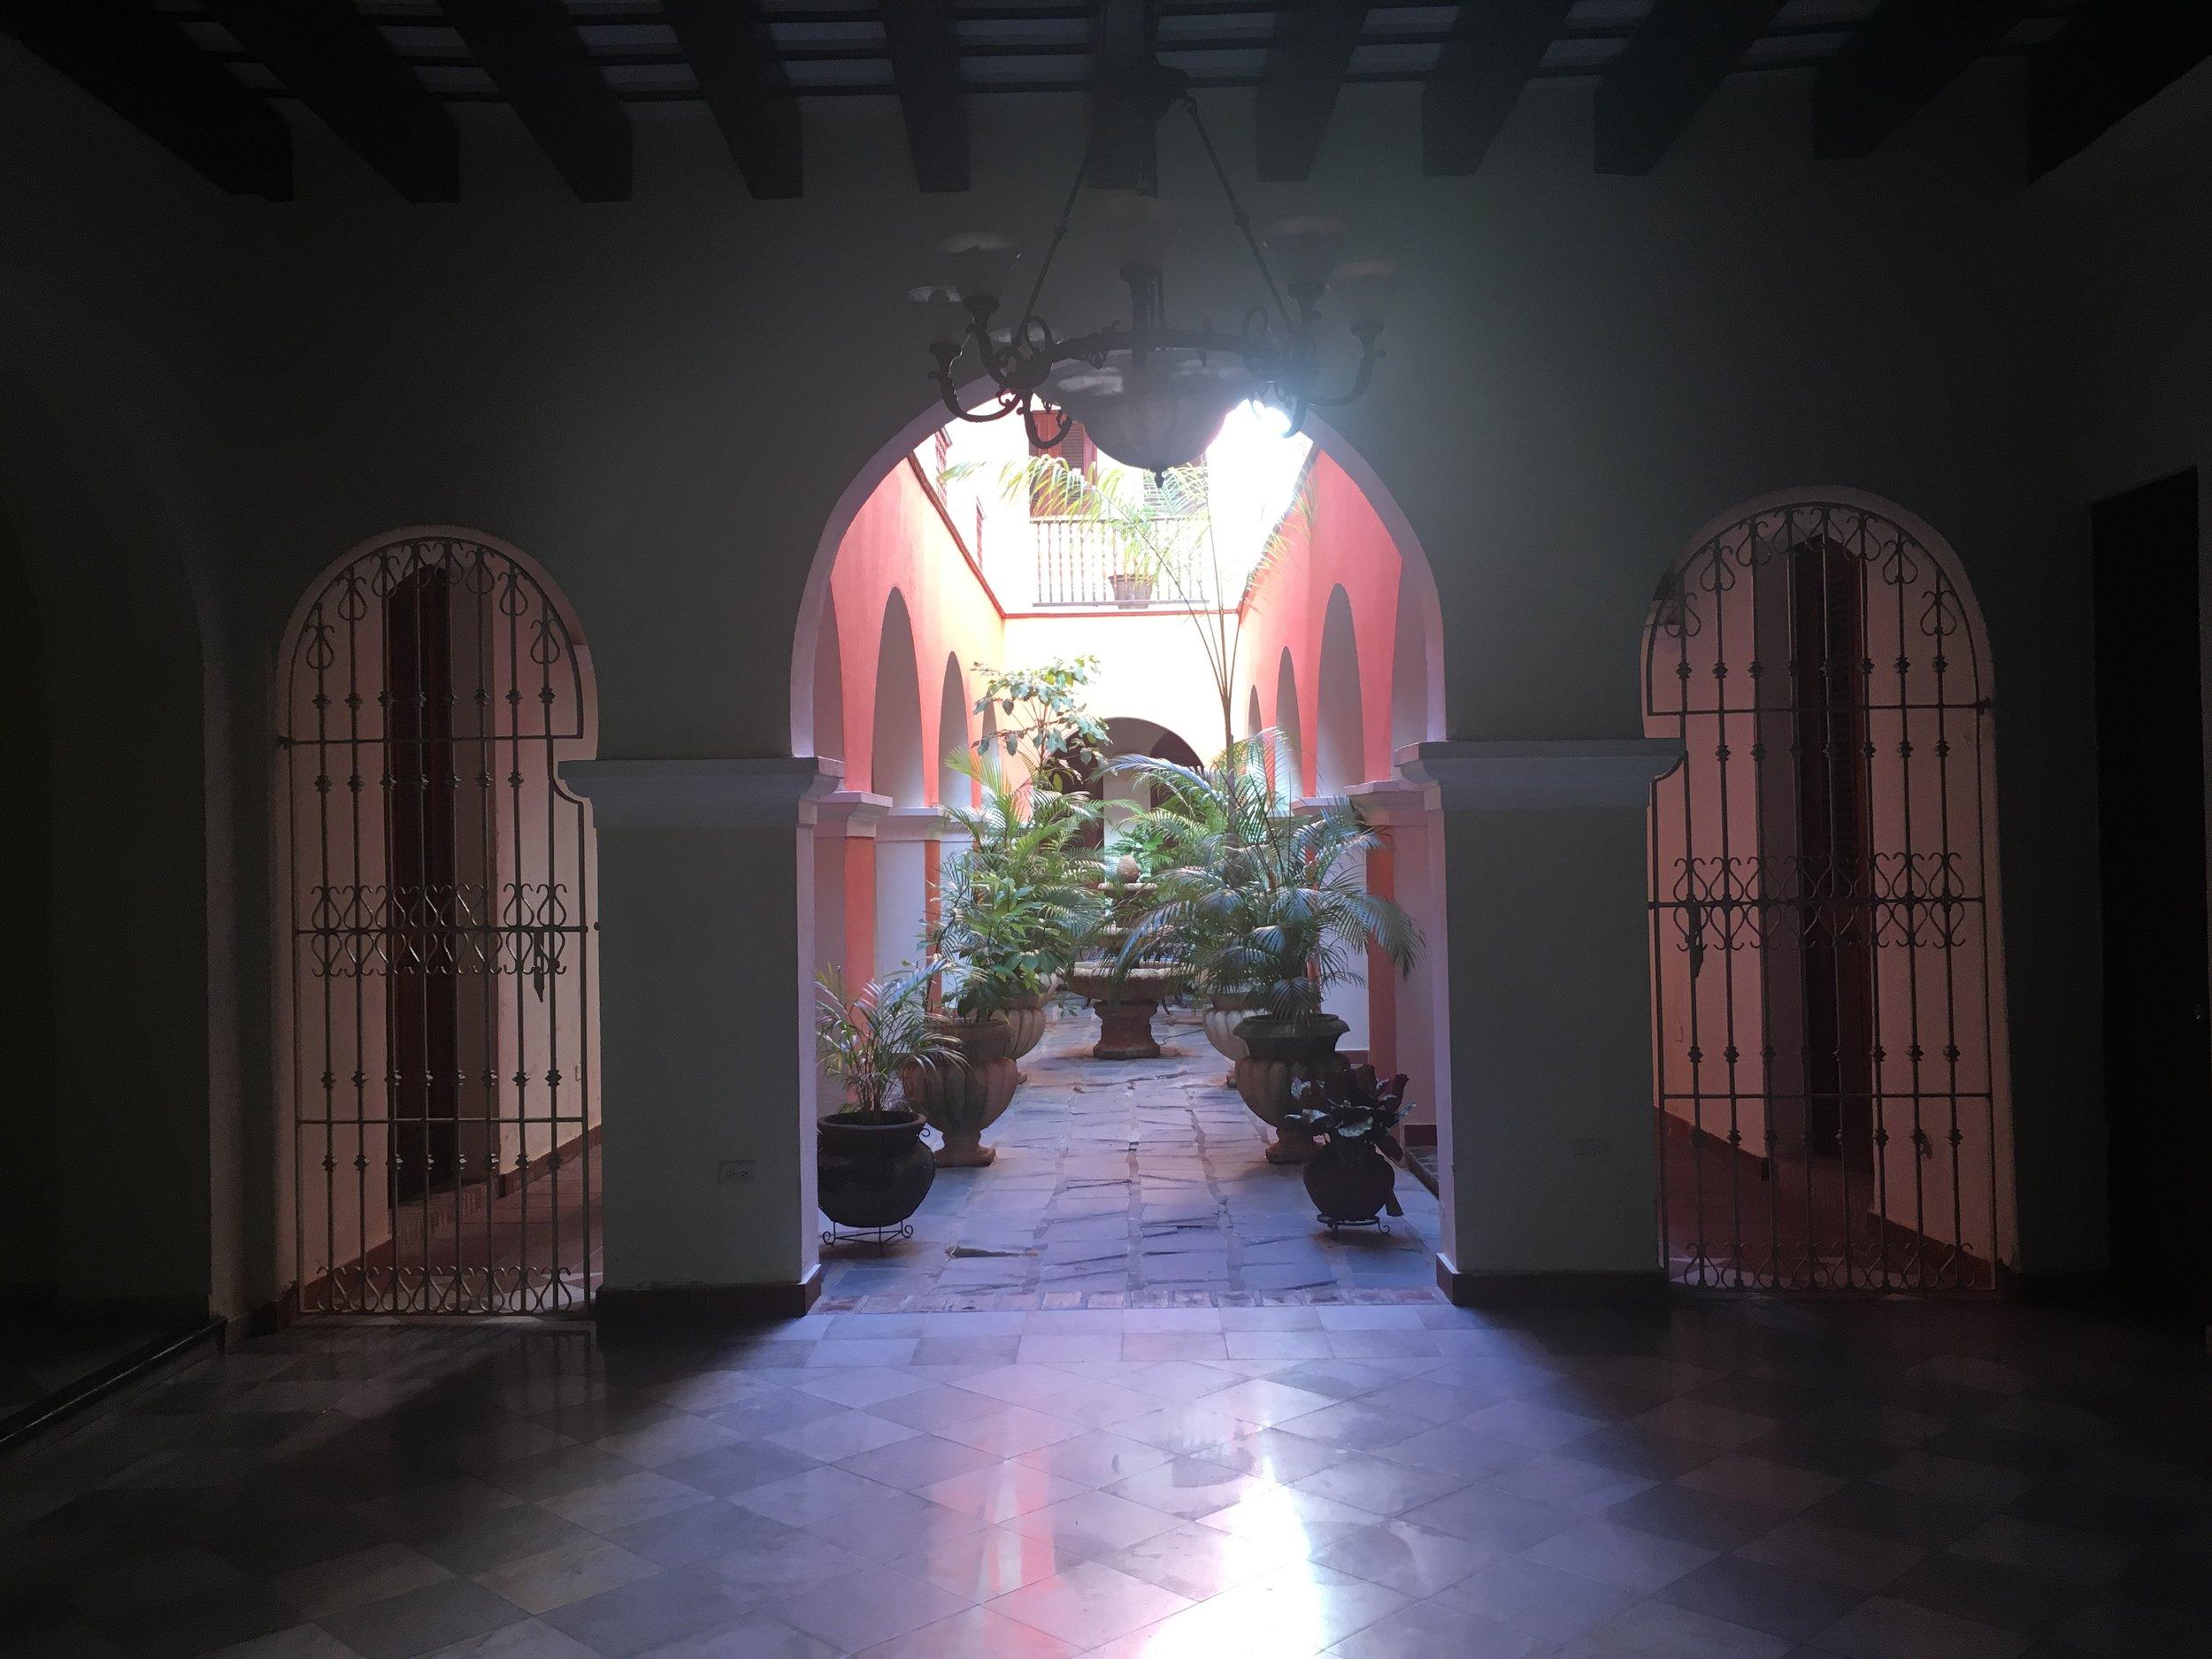 AirBnb in colonial building in Old San Juan